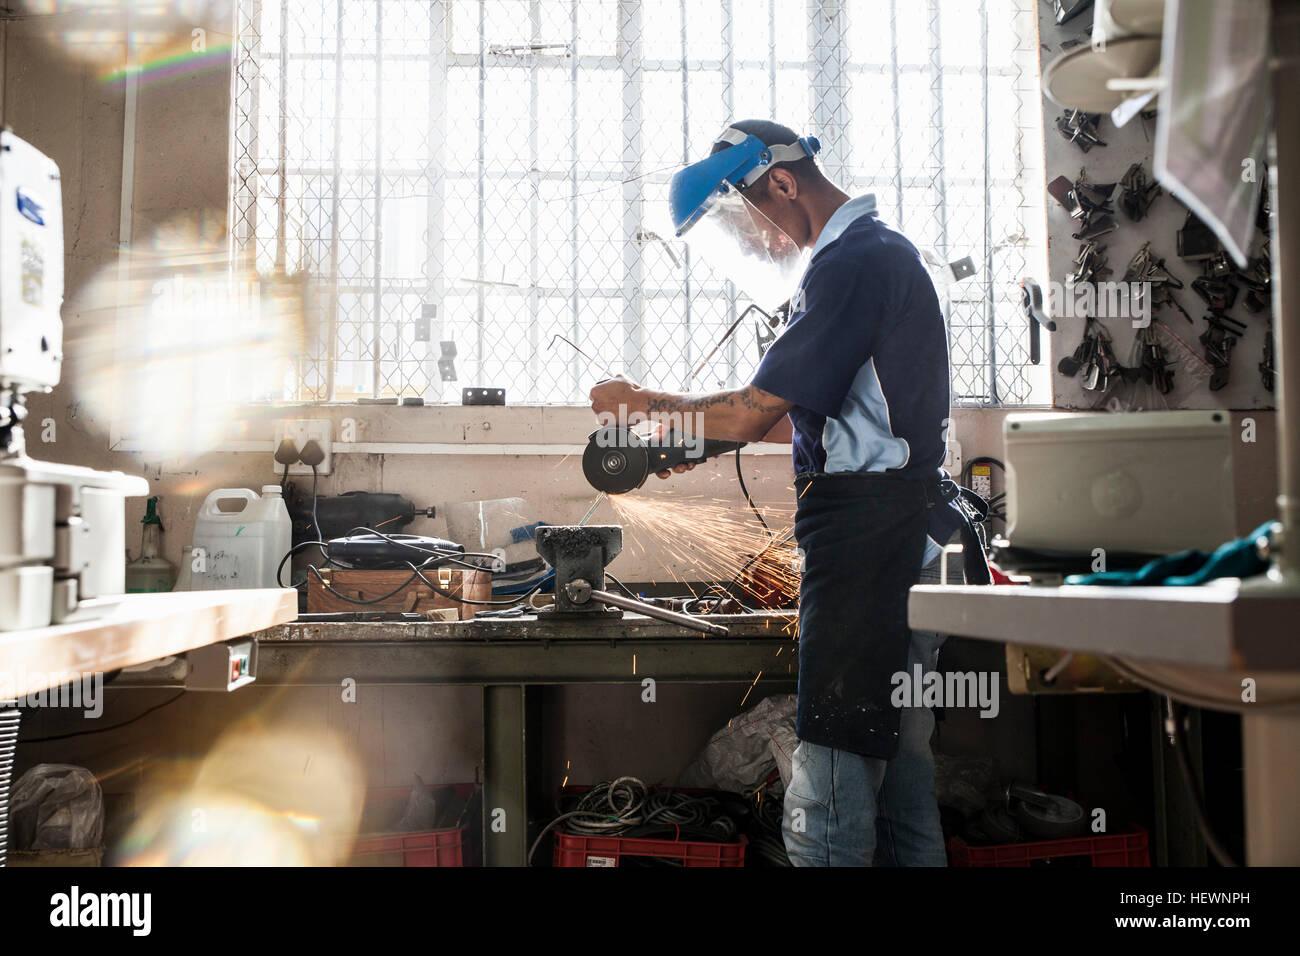 Jeune homme à l'aide d'angle meuleuse à vice en atelier de réparation Photo Stock